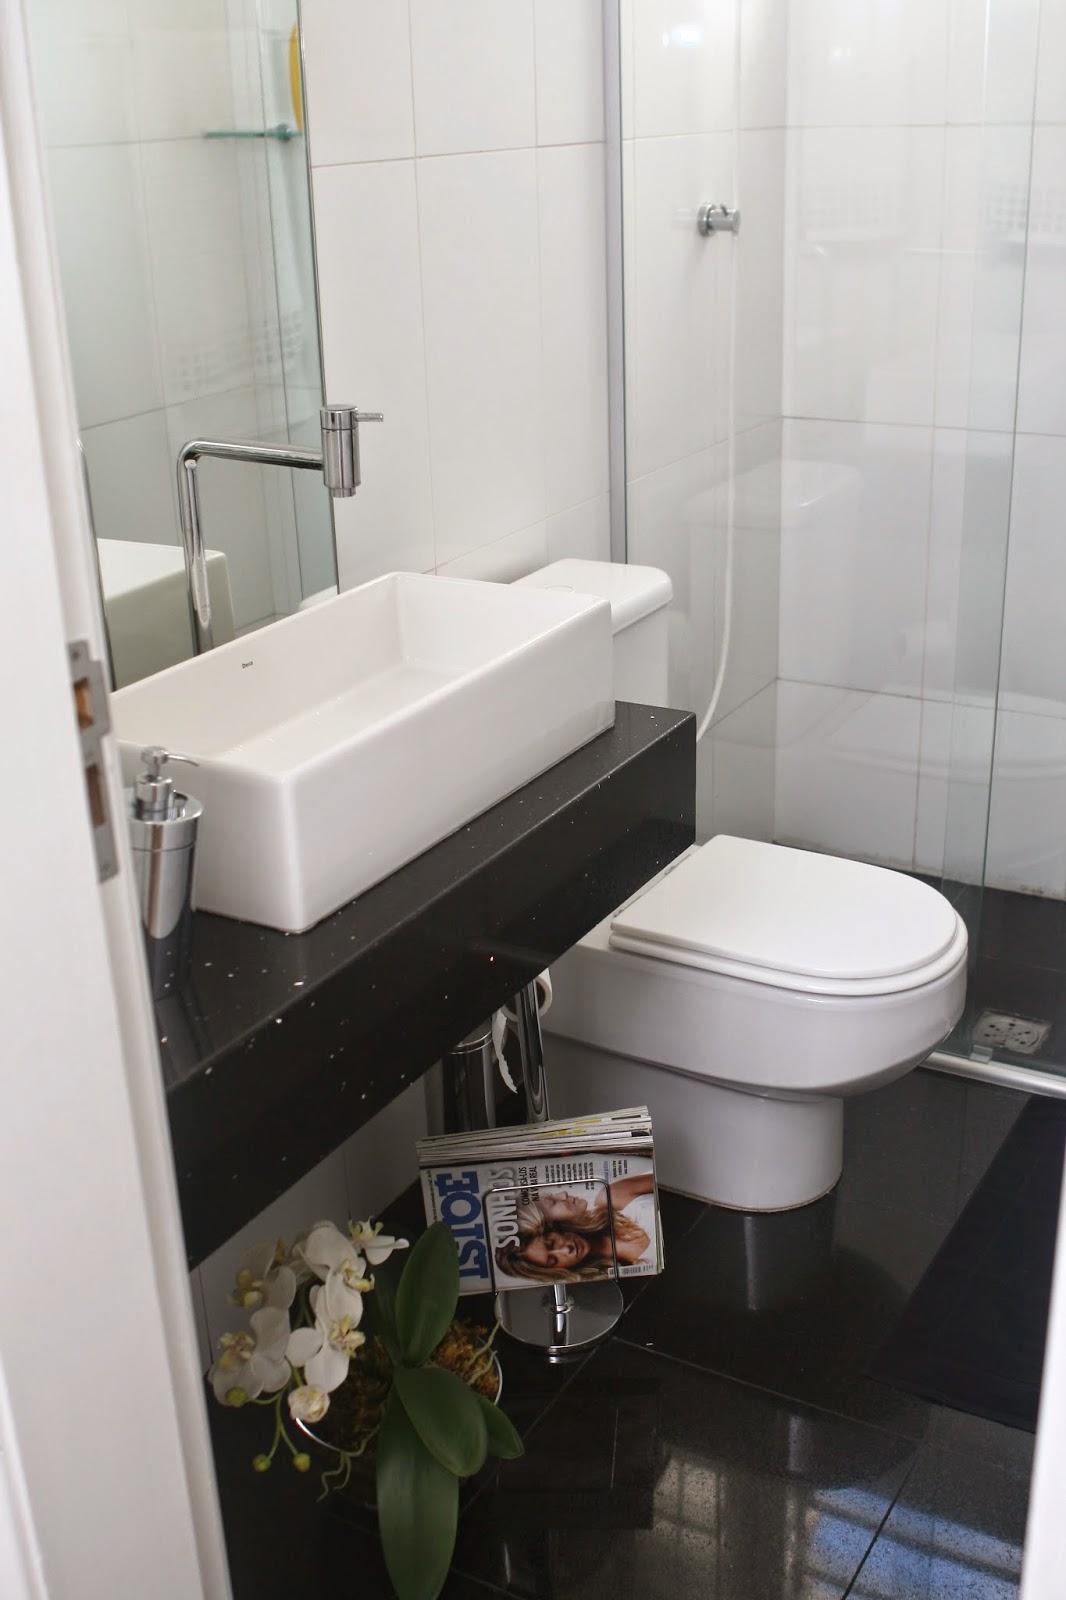 Construindo Minha Casa Clean Banheiros e Lavabos com Bancadas Pretas! Inspir -> Cuba Banheiro Branca